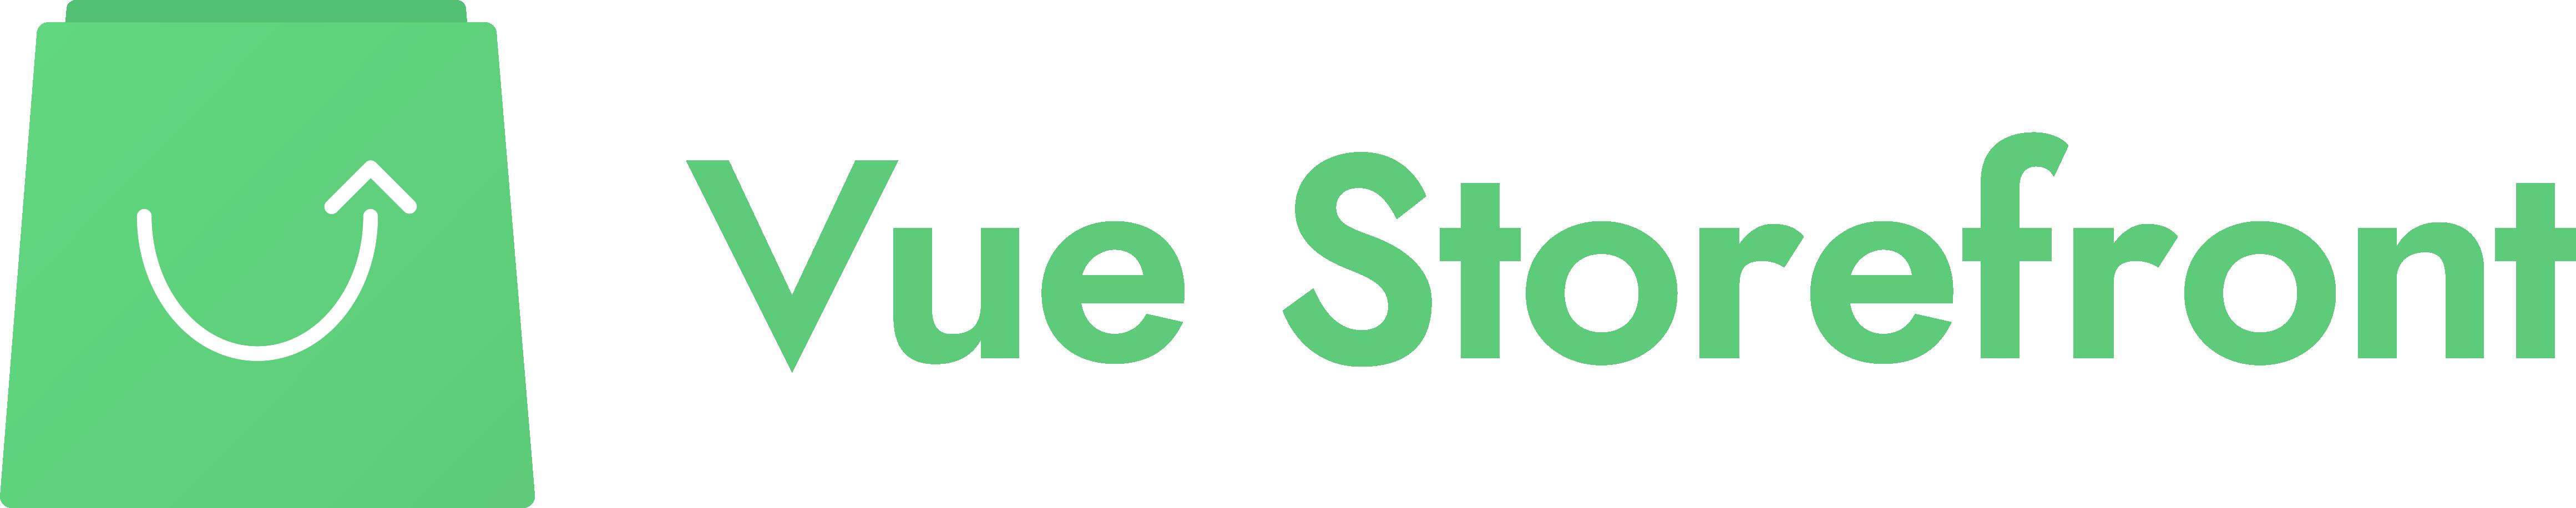 Full Vue Storefront Logo